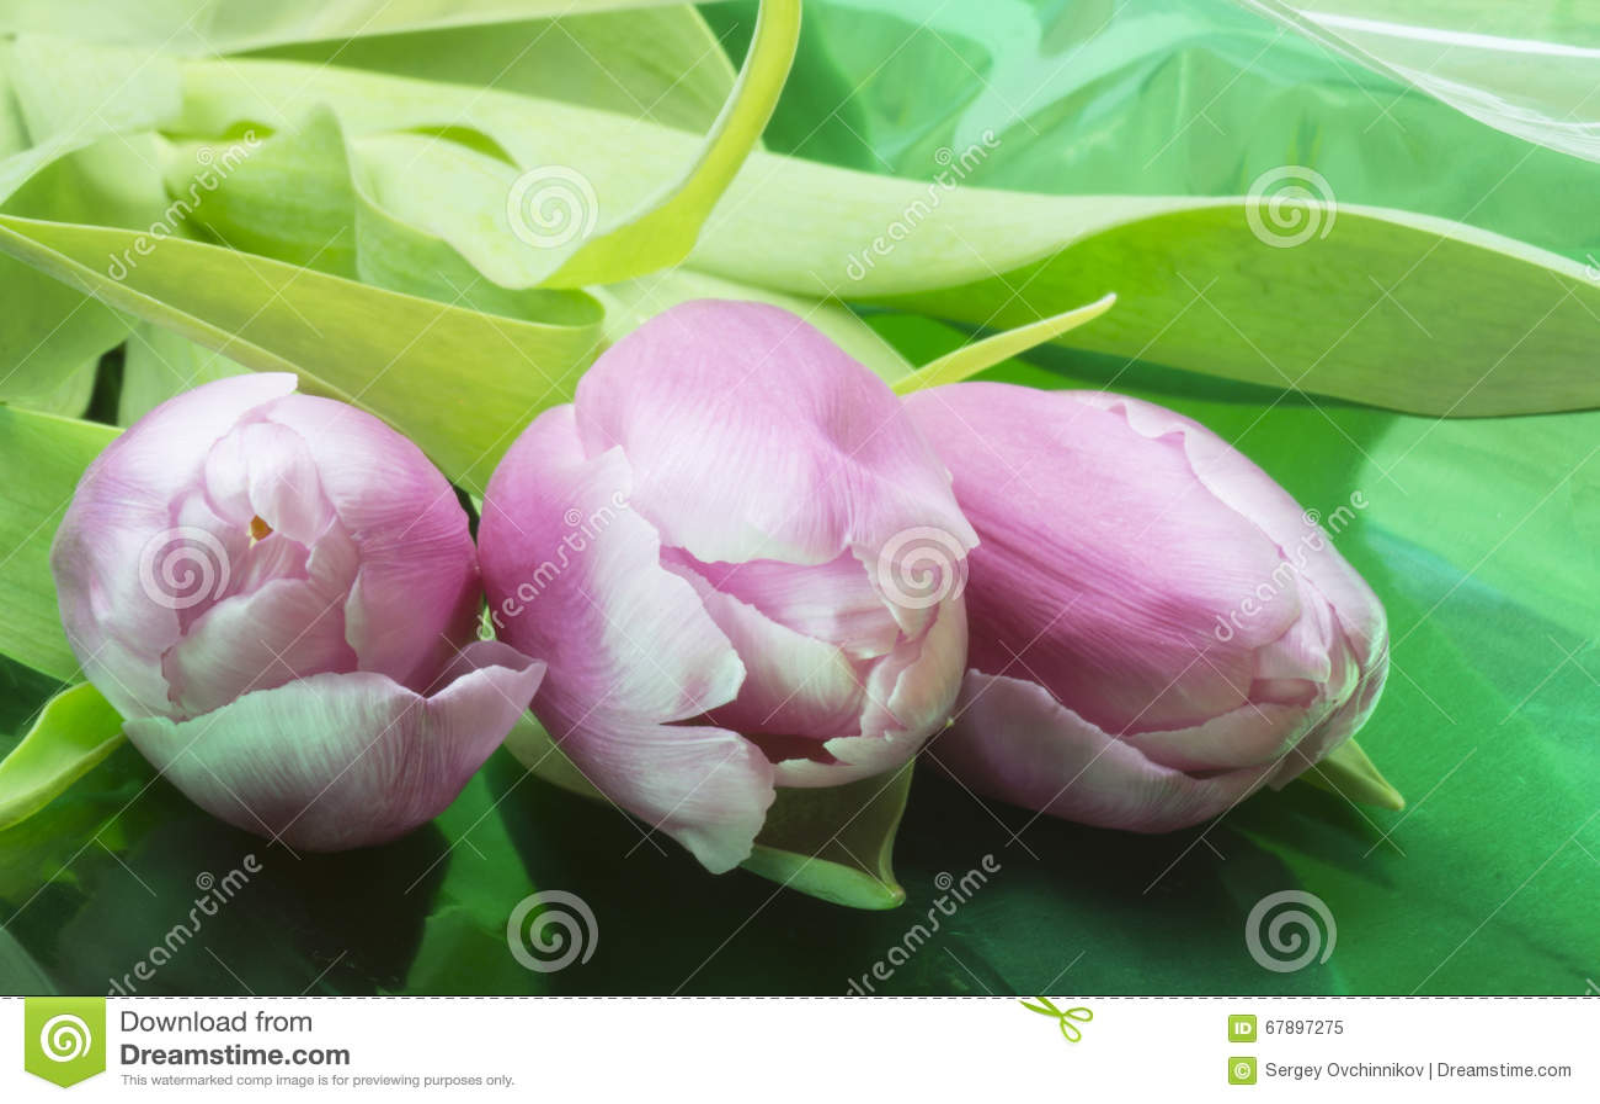 从红色和白色郁金香的花束